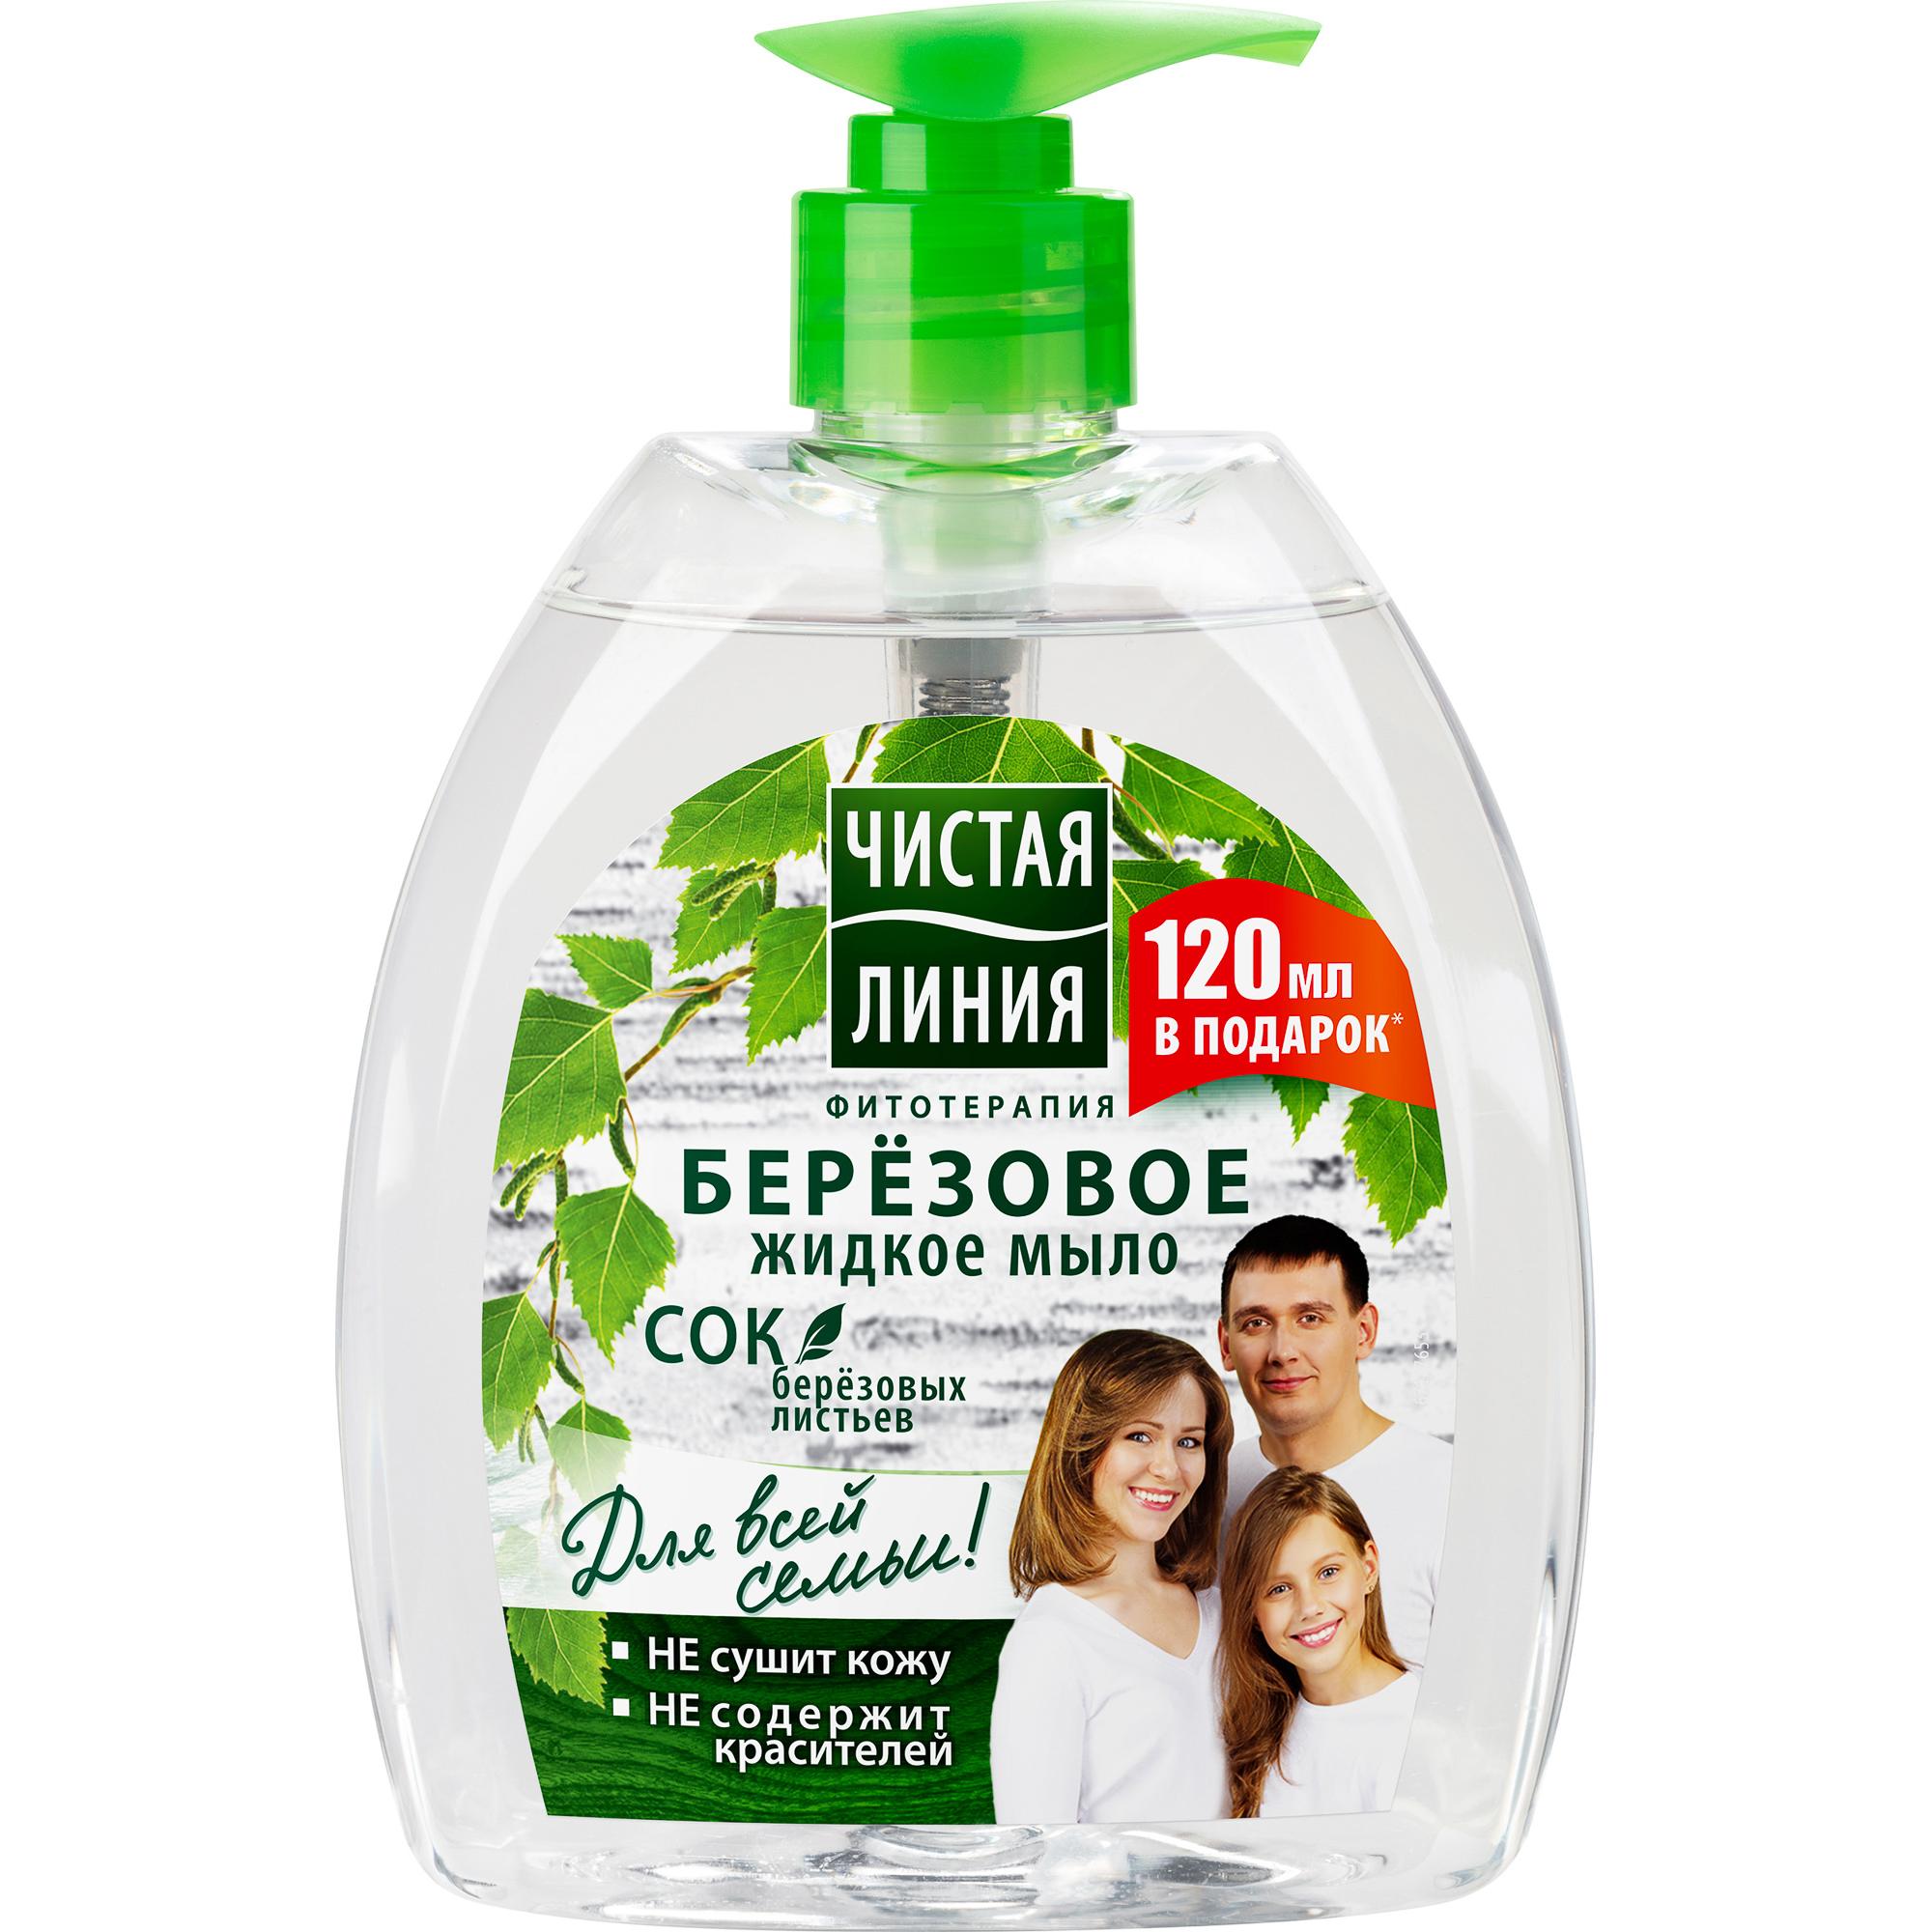 Жидкое мыло Чистая Линия Для всей семьи Березовое 520 мл.